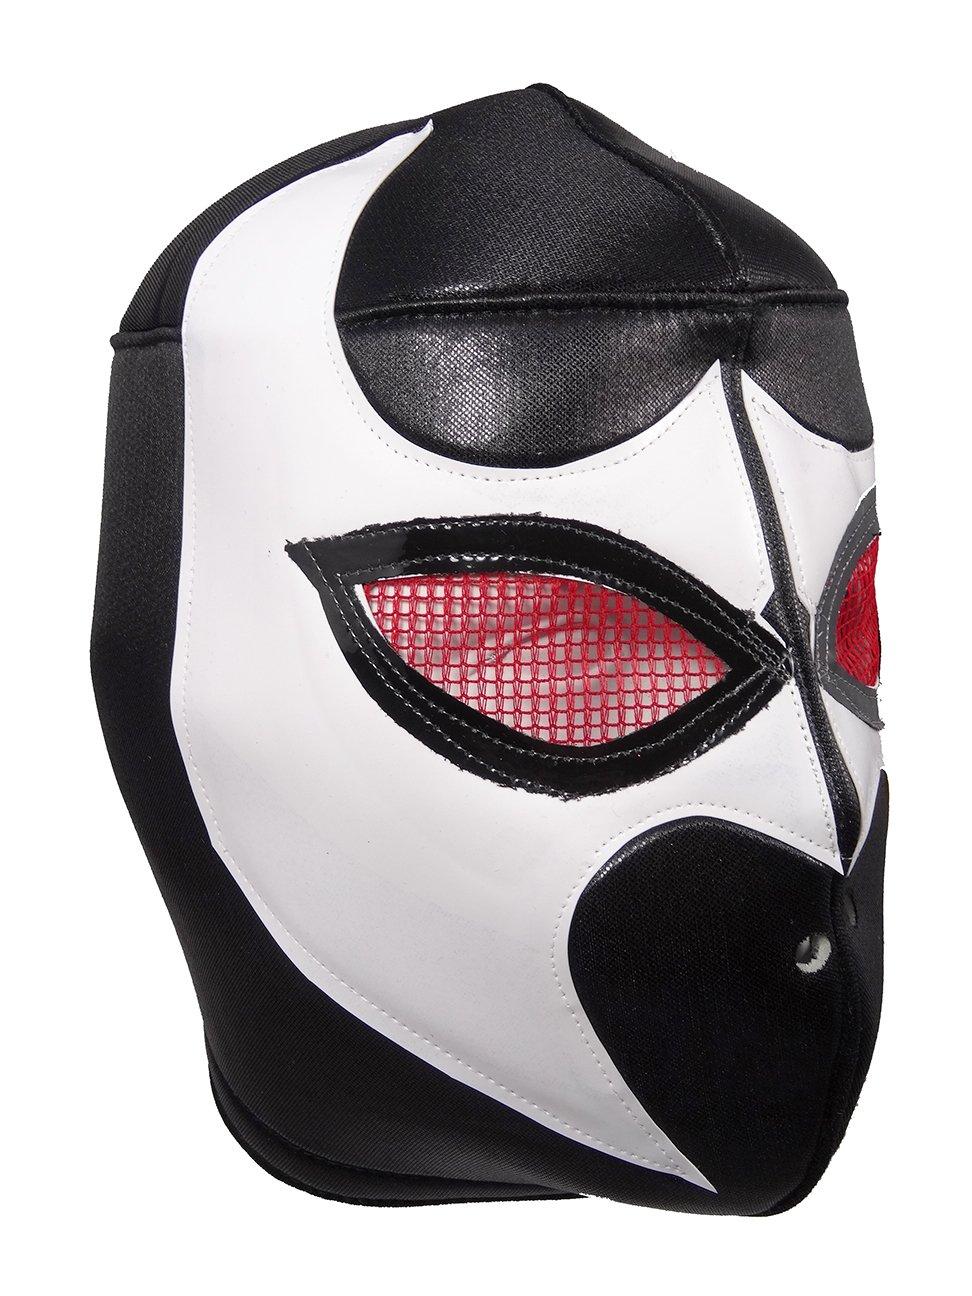 BLACK VIPER Adult Lucha Libre Wrestling Mask (pro-fit) Costume Wear - Black